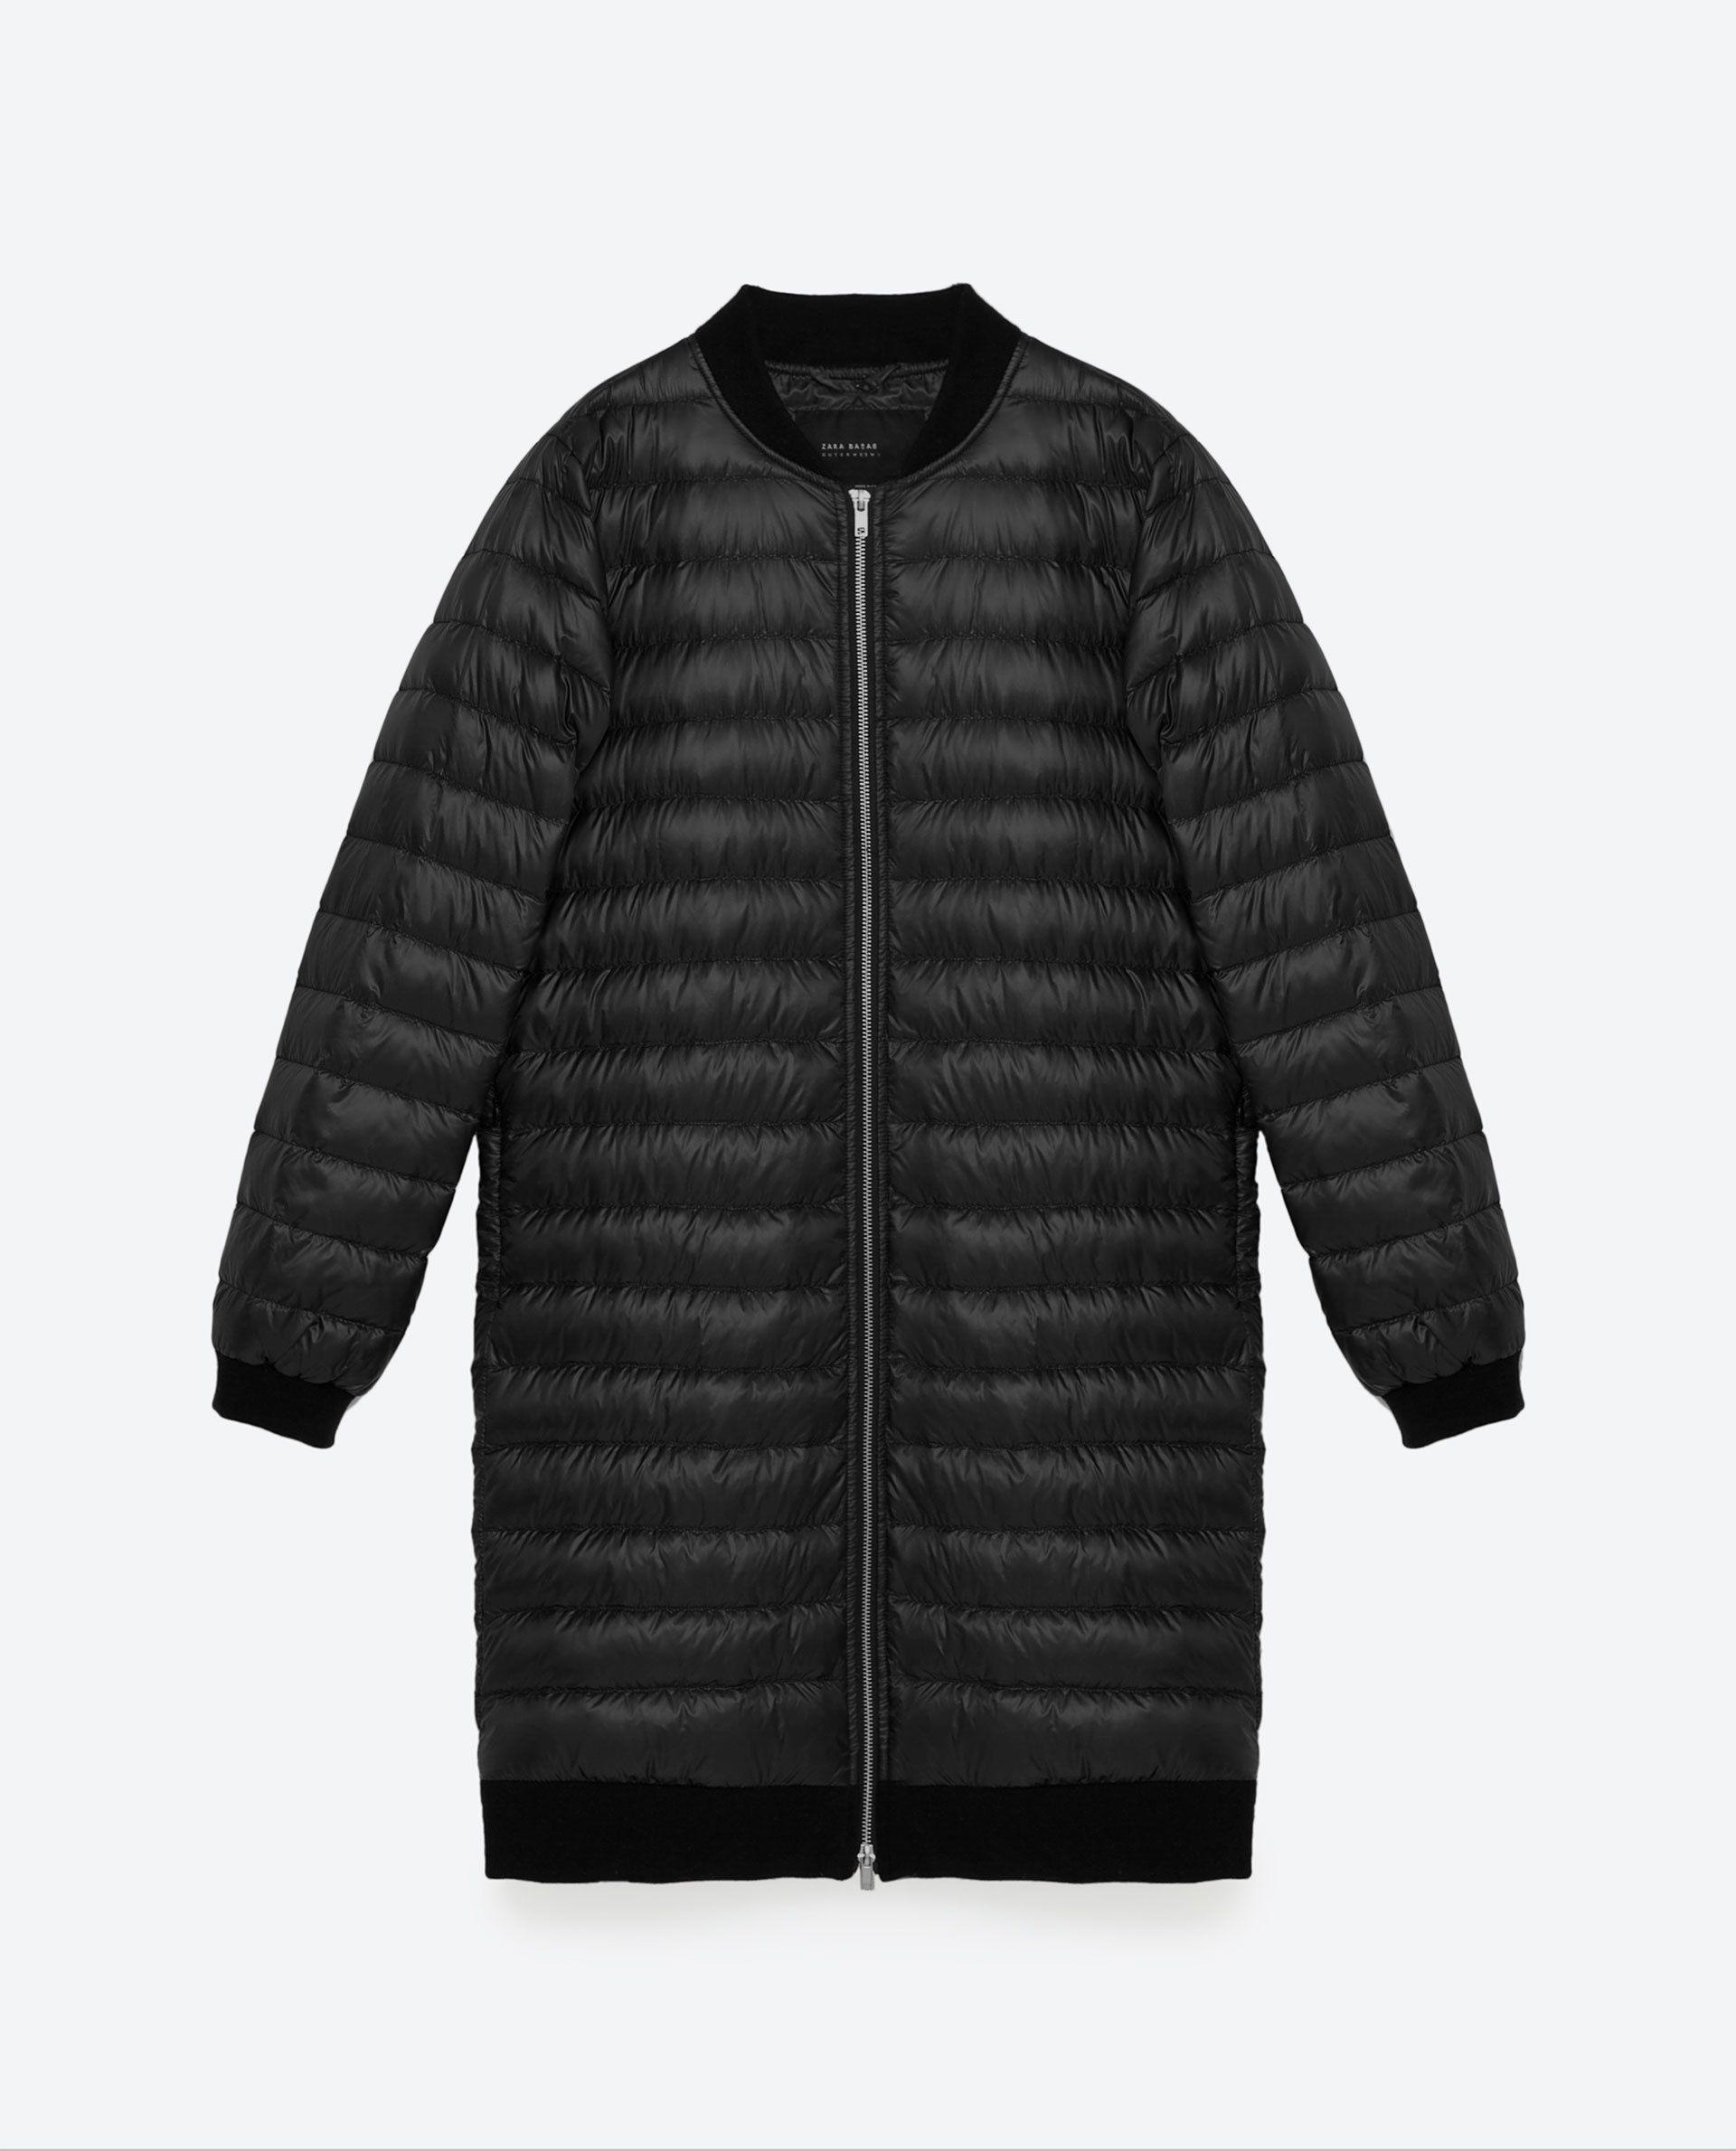 finest selection 54752 a2f85 Piumino 100 grammi, i modelli leggeri di moda per l'inverno 2017